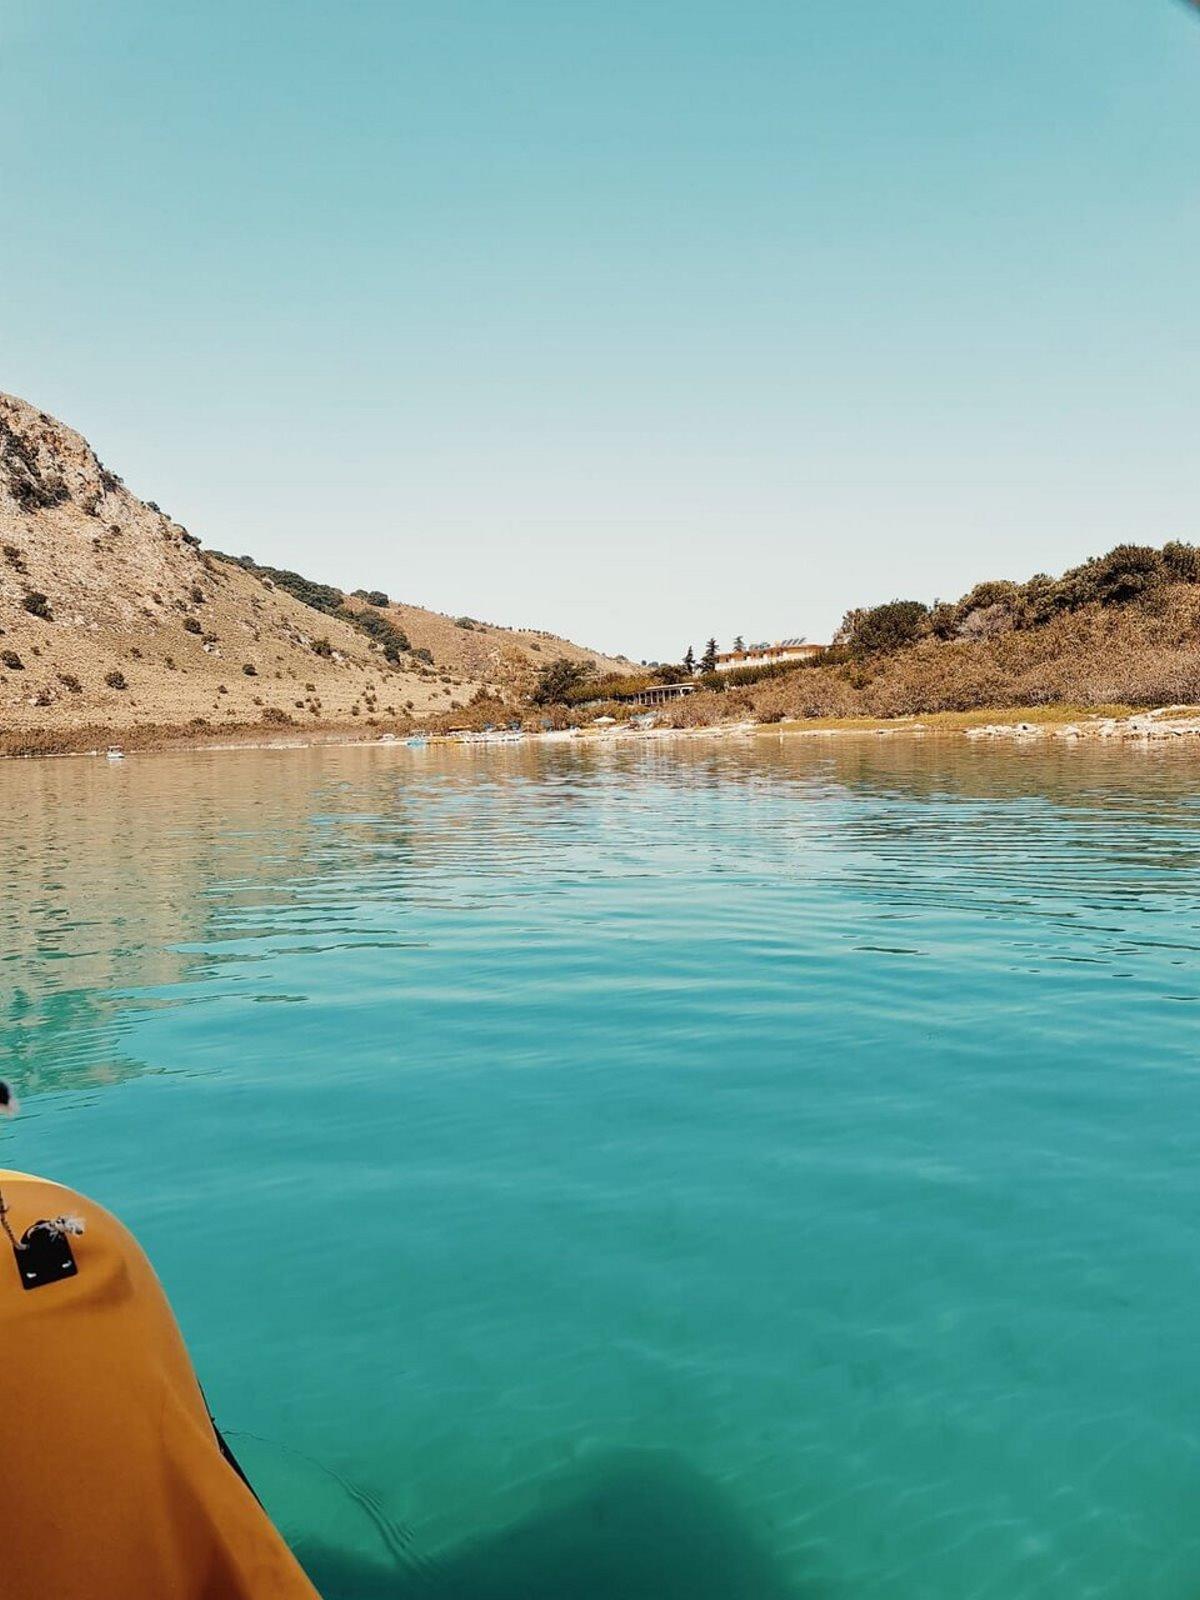 Λίμνη Κουρνά Κρήτη βαρκάδα με κανό στα τιρκουάζ νερά